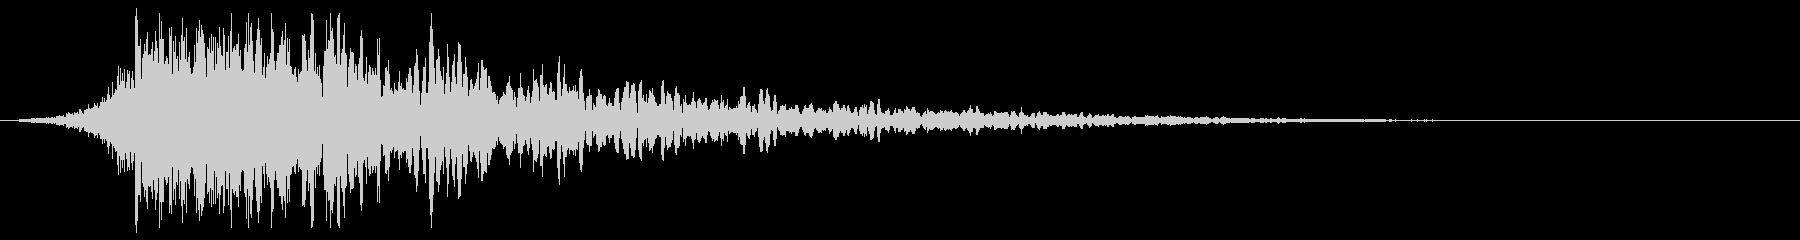 シュードーン-55-1(インパクト音)の未再生の波形